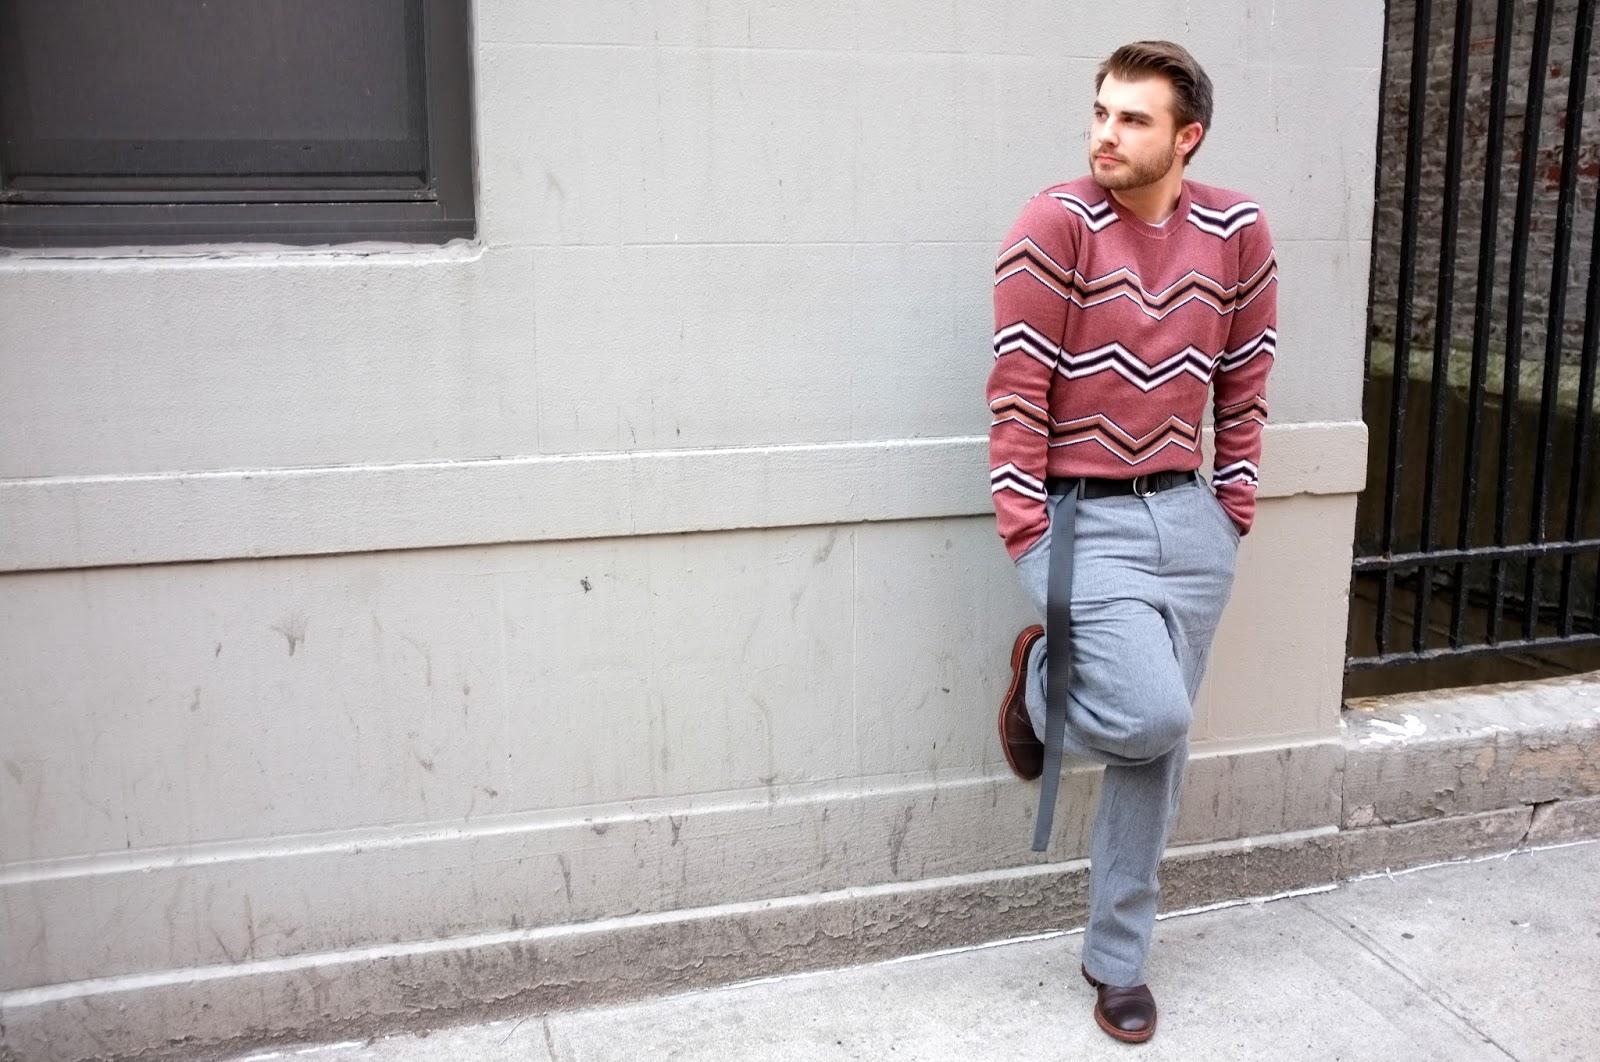 dressed forward